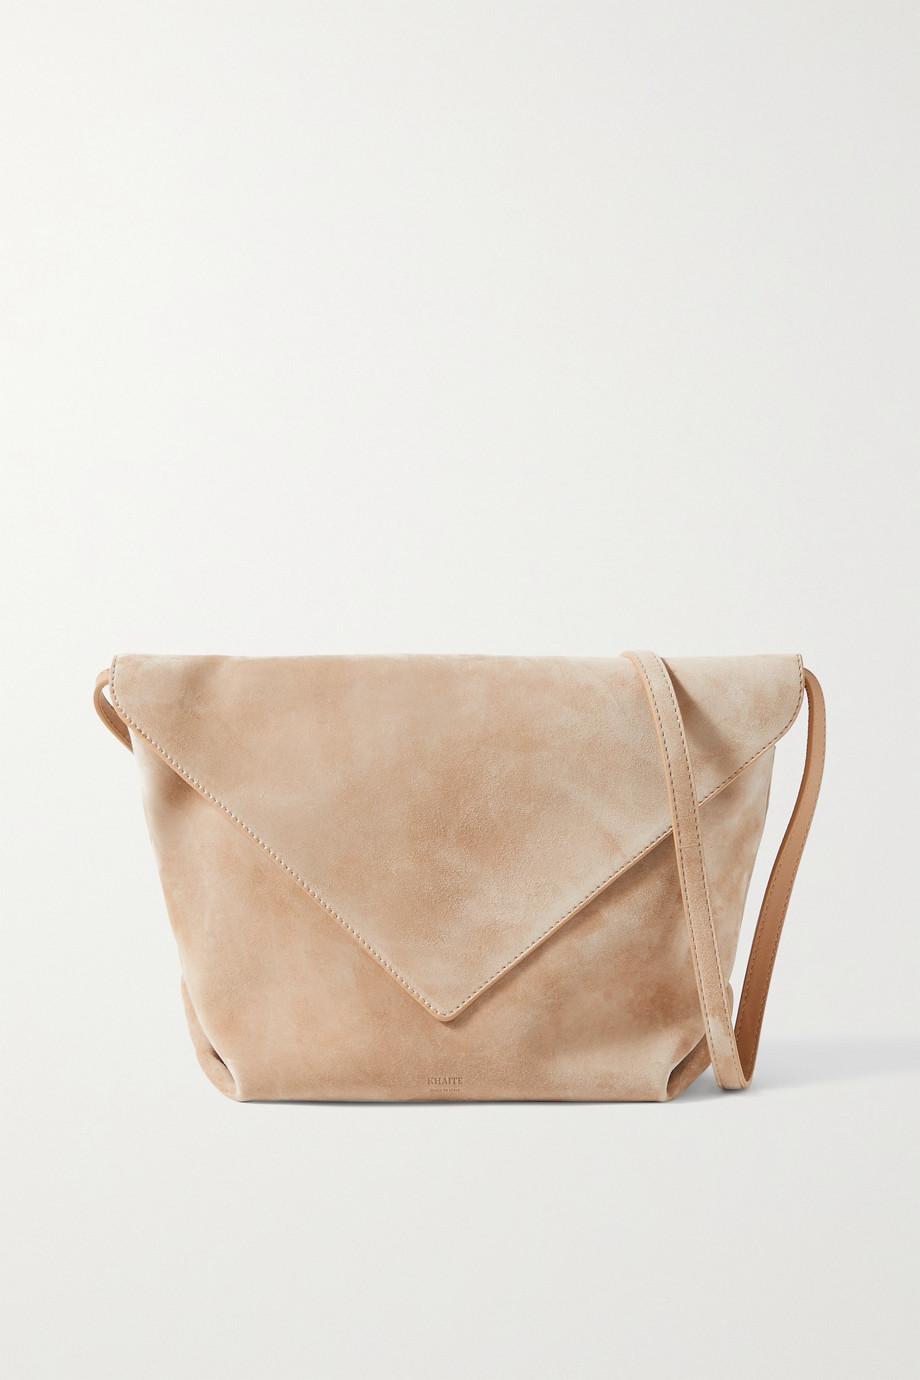 Khaite Maude medium suede shoulder bag